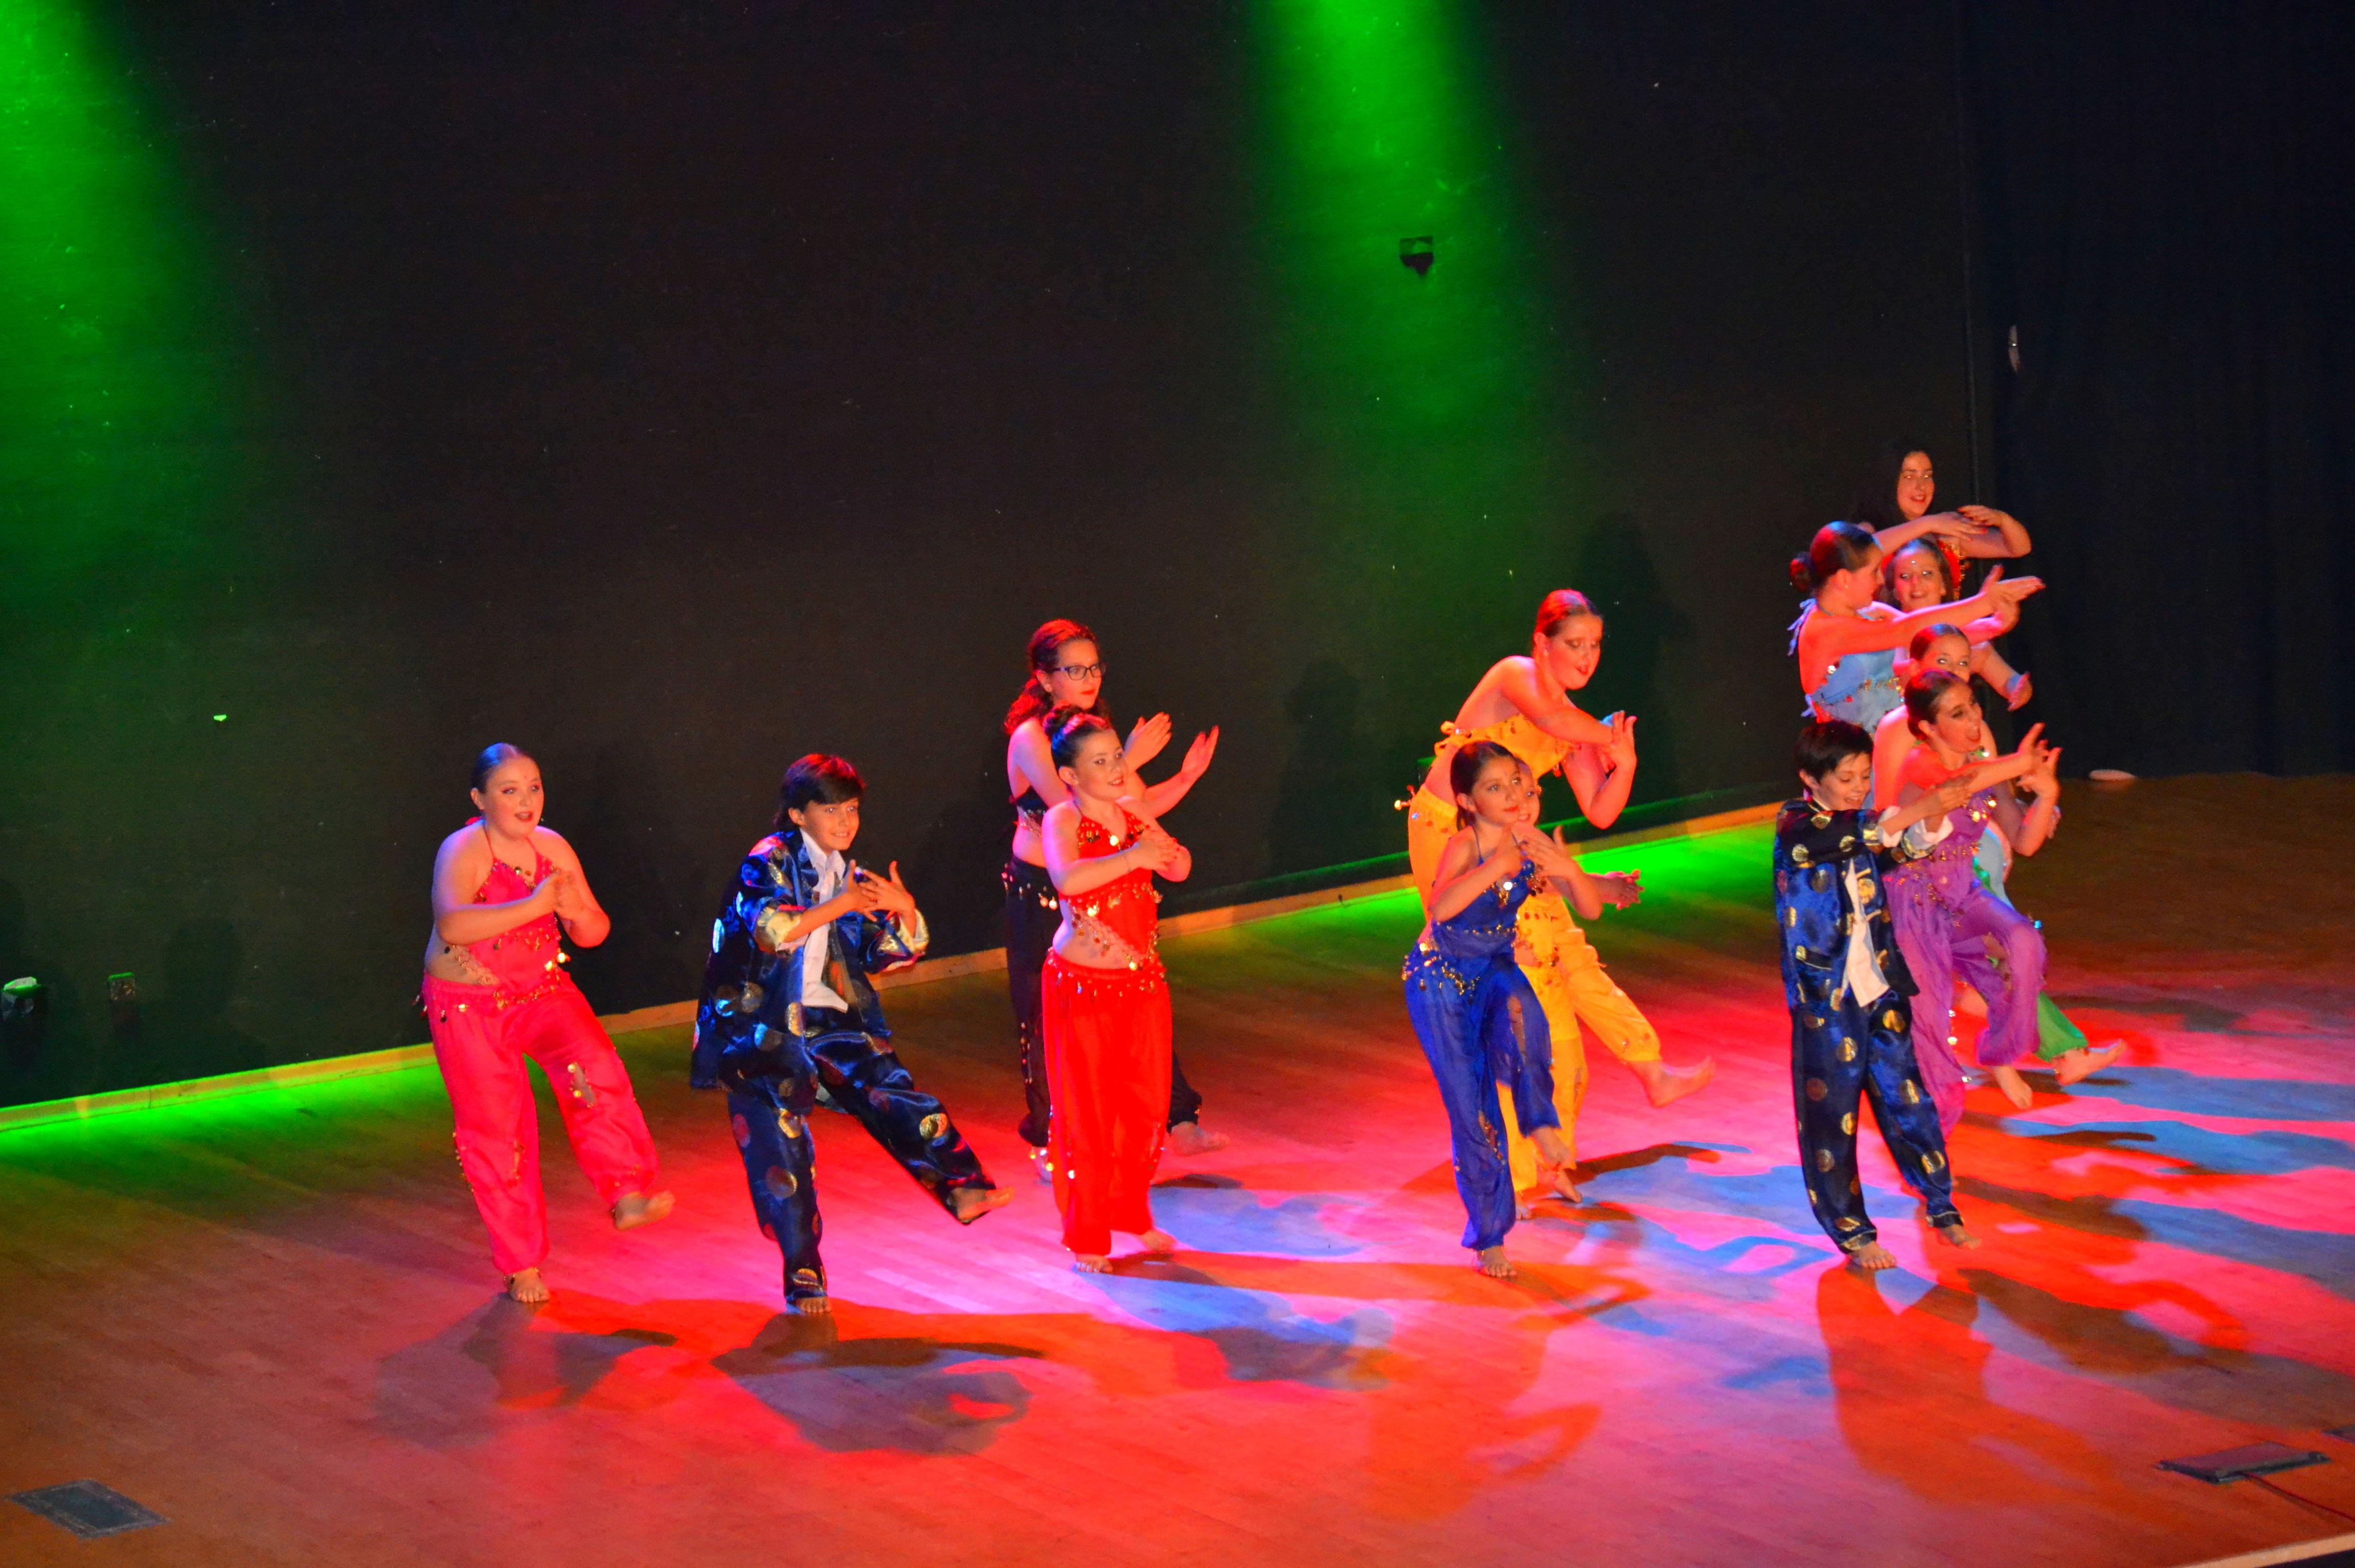 Foto 10 de Escuelas de música, danza e interpretación en Alcalá de Henares   Escuela de Danza Pepe Vento